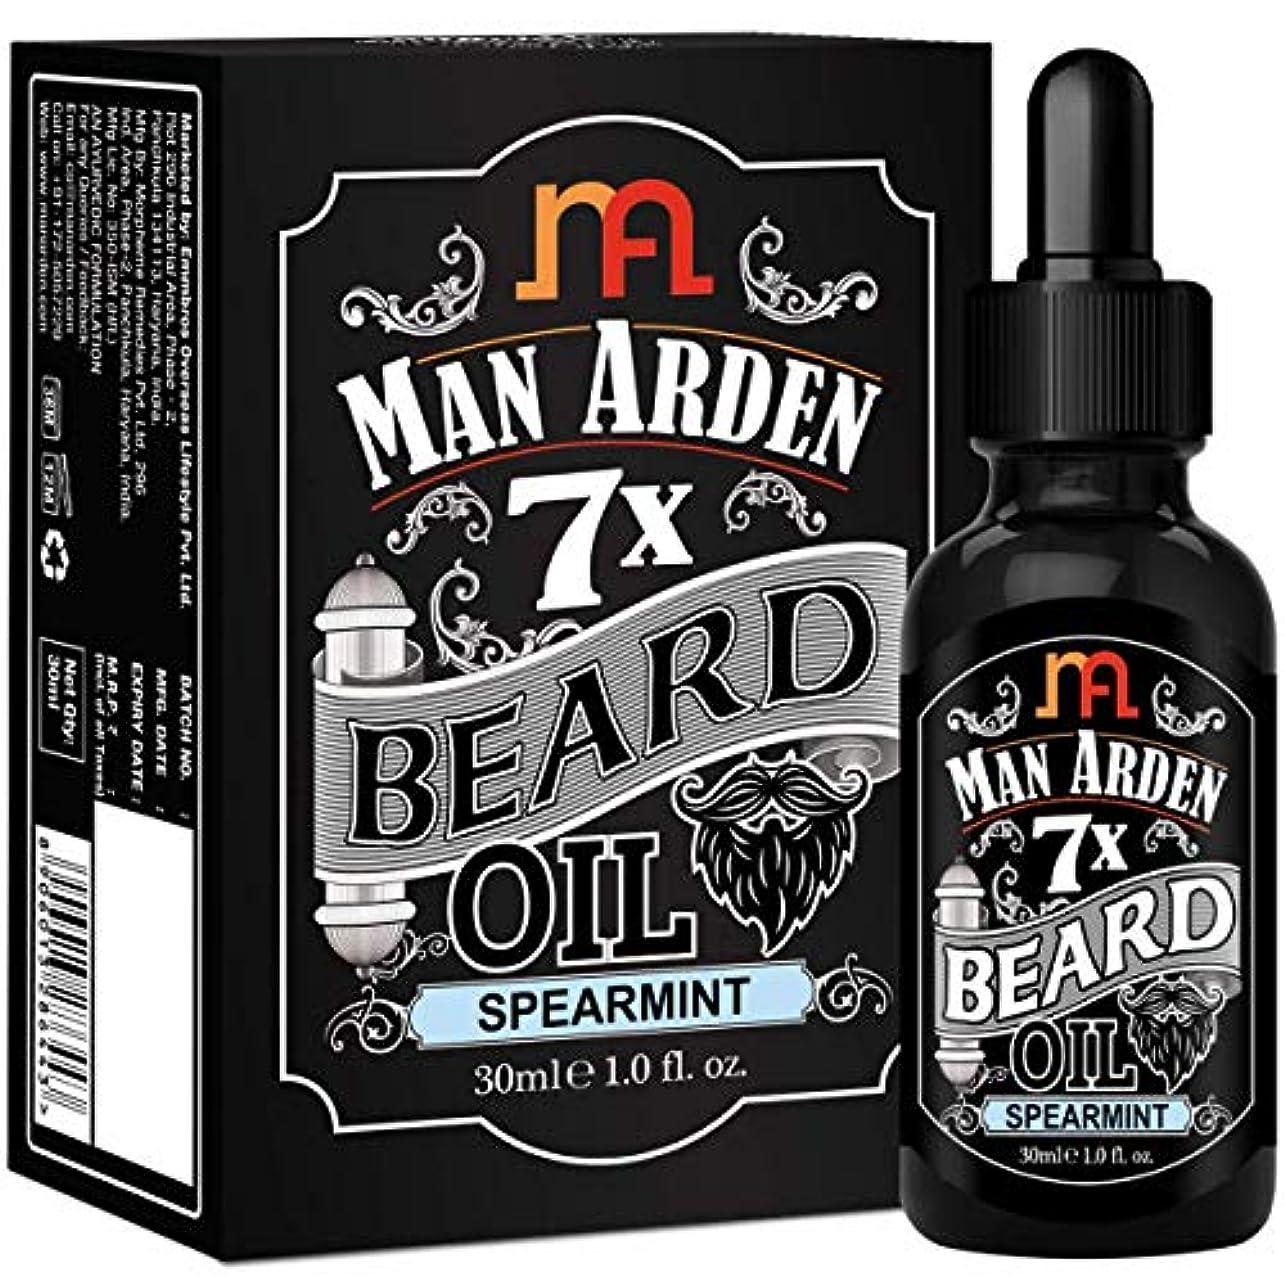 用心華氏フォルダMan Arden 7X Beard Oil 30ml (Spearmint) - 7 Premium Oils For Beard Growth & Nourishment